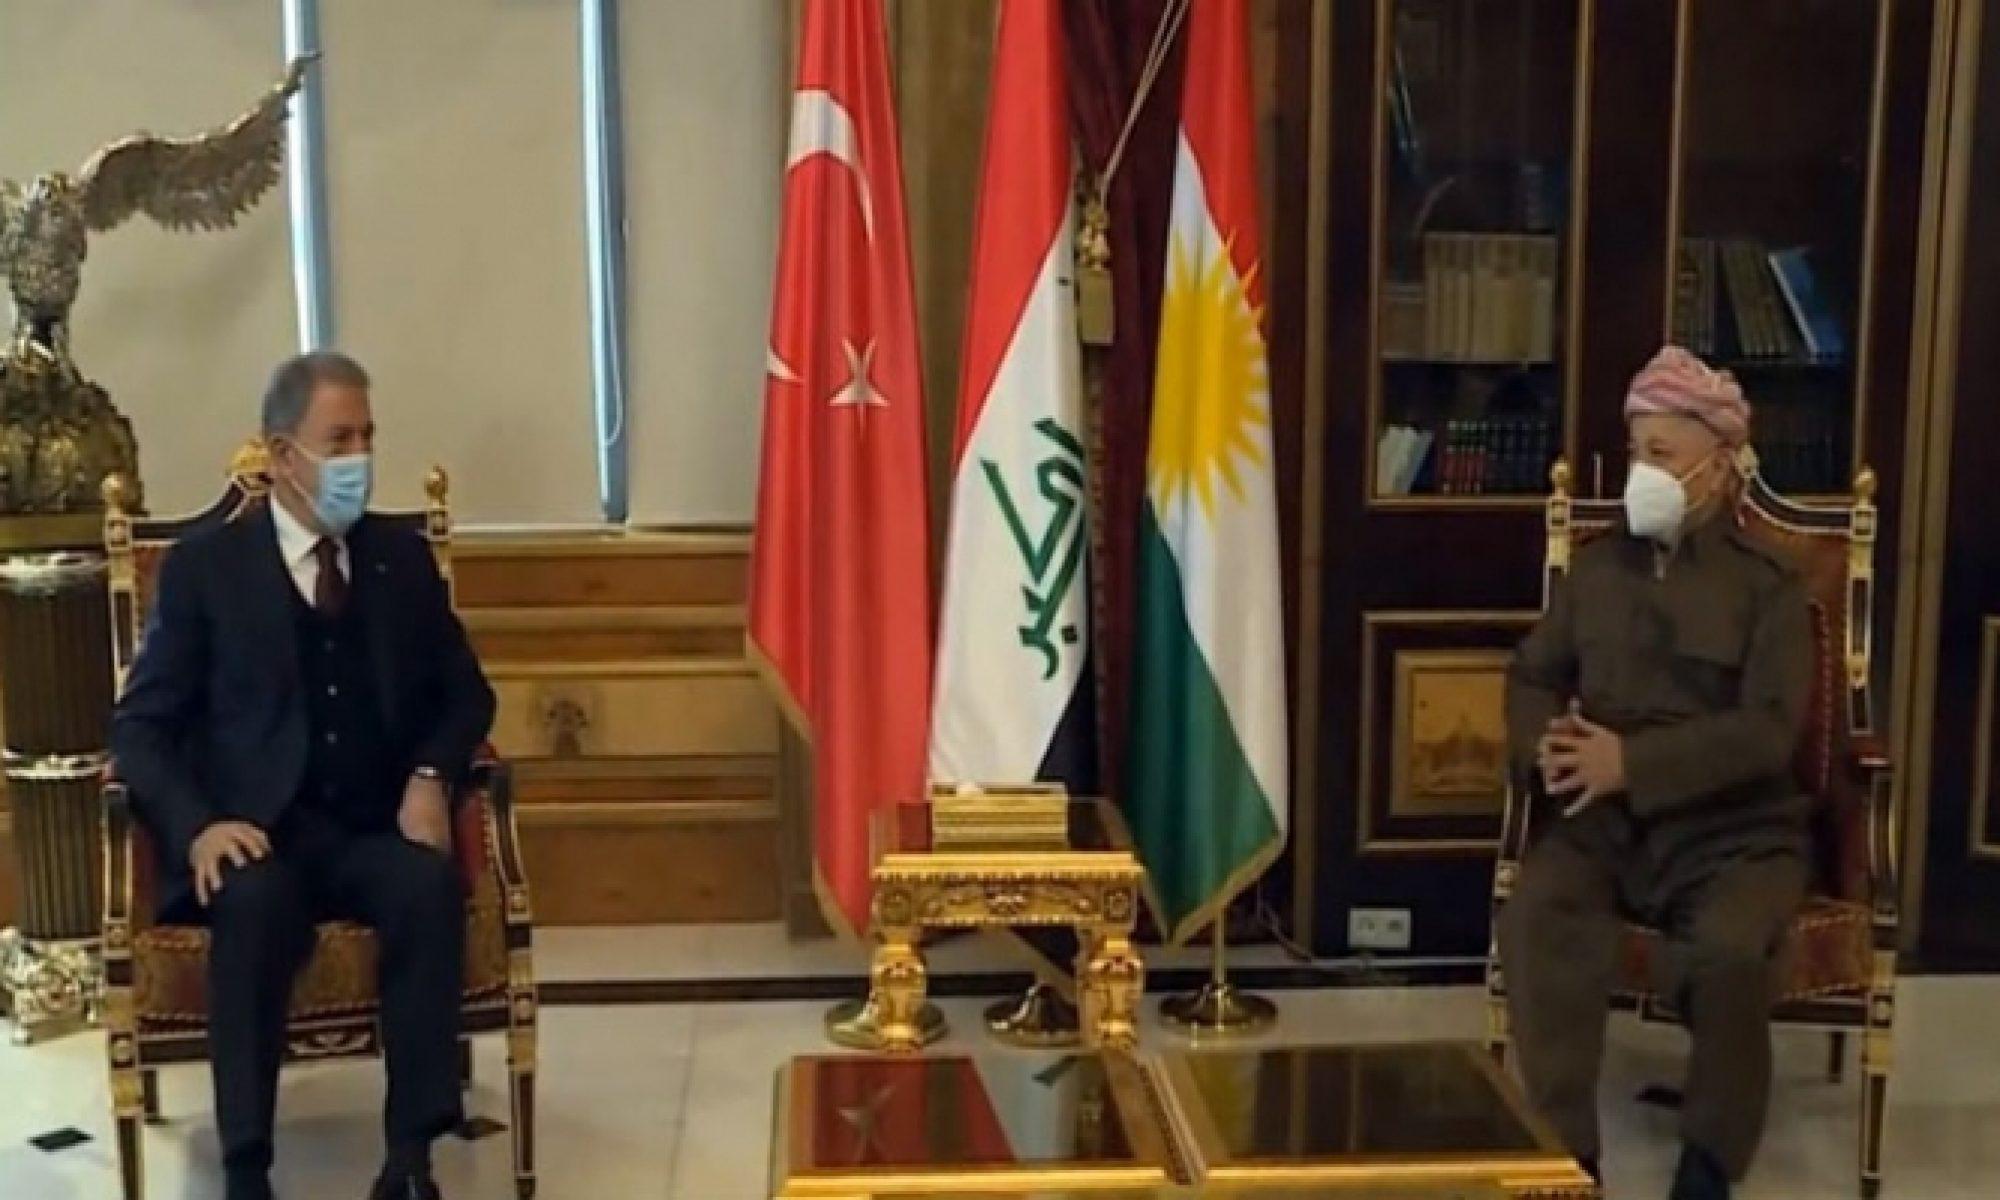 Başkan Mesud Barzani, Türkiye Savunma Bakanı Hulusi Akar ve beraberindeki heyetle görüştü. Başkan Mesud Barzani, Türkiye Savunma Bakanı Hulusi Akar ve beraberindeki heyetle görüştü. Görüşmede; Kürdistan Bölgesi - Türkiye arasındaki ilişkiler,askeri ve güvenlik işbirliği konuları görüşmenin ana gündem maddeleri oldu. Bu görüşmenin ardından Akar, Başbakan Mesrur Barzani'yle bir araya geldi. Görüşme devam ediyor. Akar'ın, Kürdistan Bölgesi Başkanı Neçirvan Barzani'yle de bir araya gelmesi bekleniyor. Hulusi Akar dün Irak'ın başkenti Bağdat'a giderek Irak Başbakanı Mustafa Kazimi ve Iraklı yetkililerle görüşmüştü.